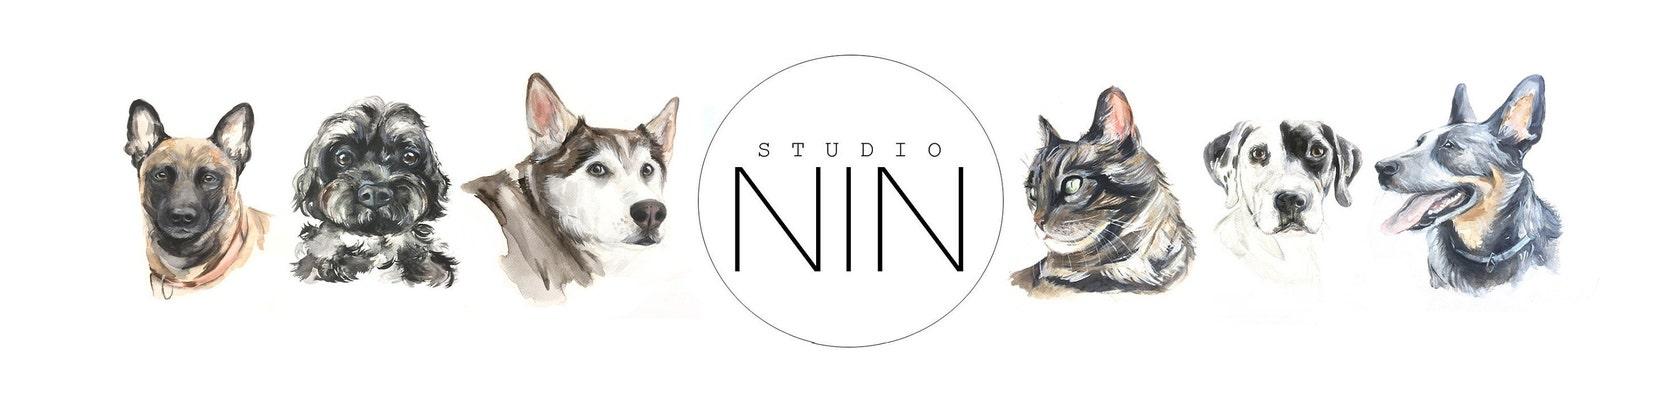 Custom made pet portraits and original paintings por PetShopofColor